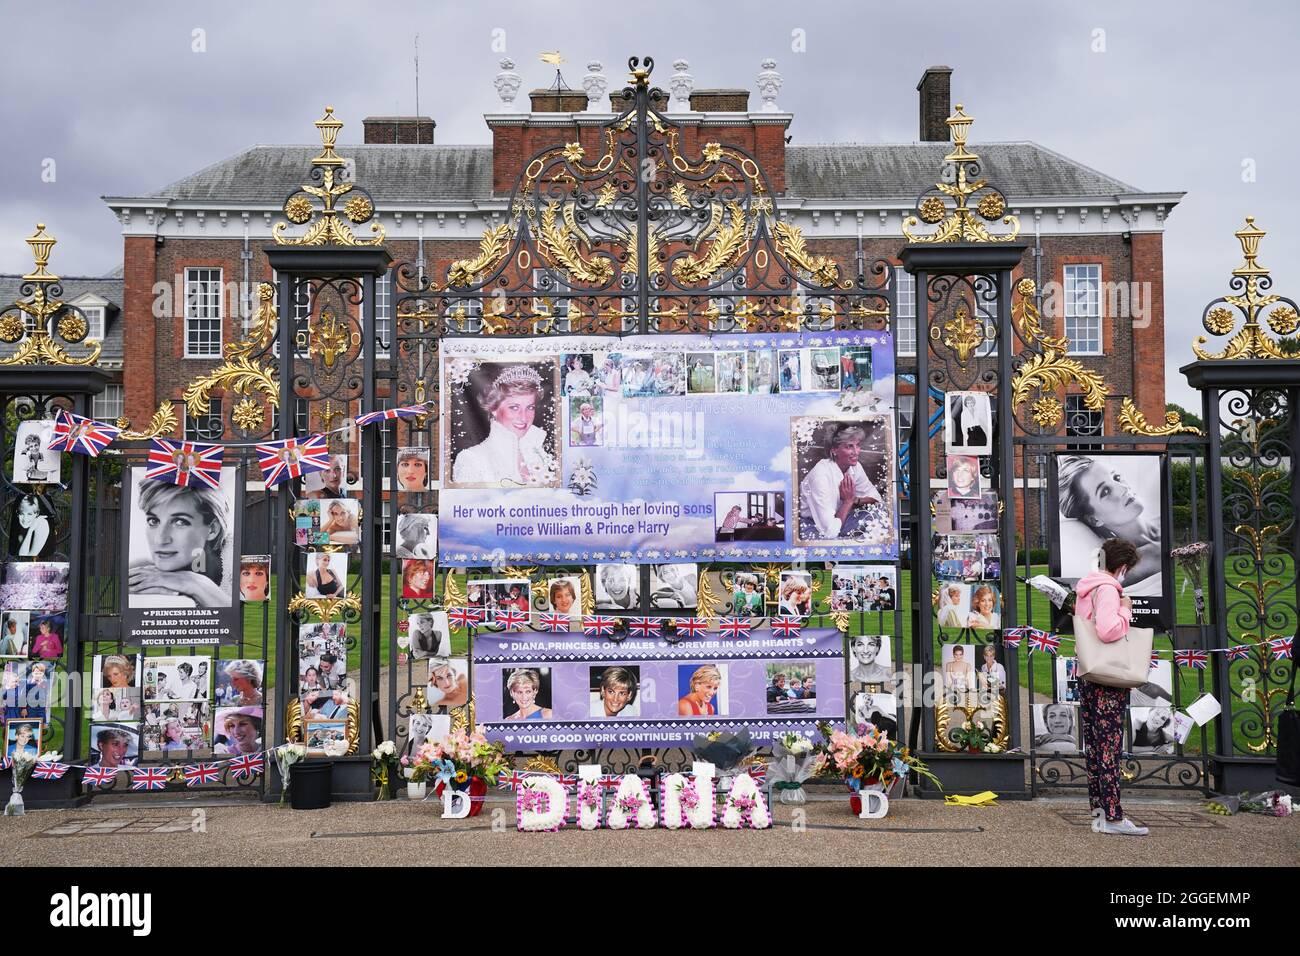 La gente guarda gli omaggi lasciati alle porte di Kensington Palace a Londra nel ventiquattresimo anniversario della morte di Diana, Principessa del Galles. Data foto: Martedì 31 agosto 2021. Foto Stock